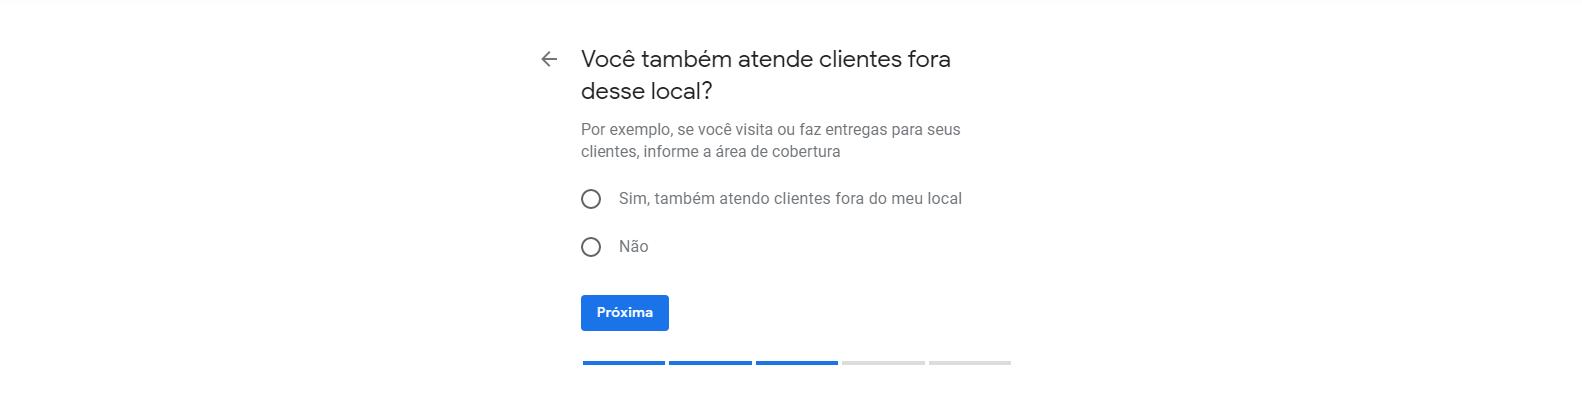 Oitavo passo para cadastrar empresa no Google Meu Negócio. Nesta tela você indica se faz entregas ou visita clientes.